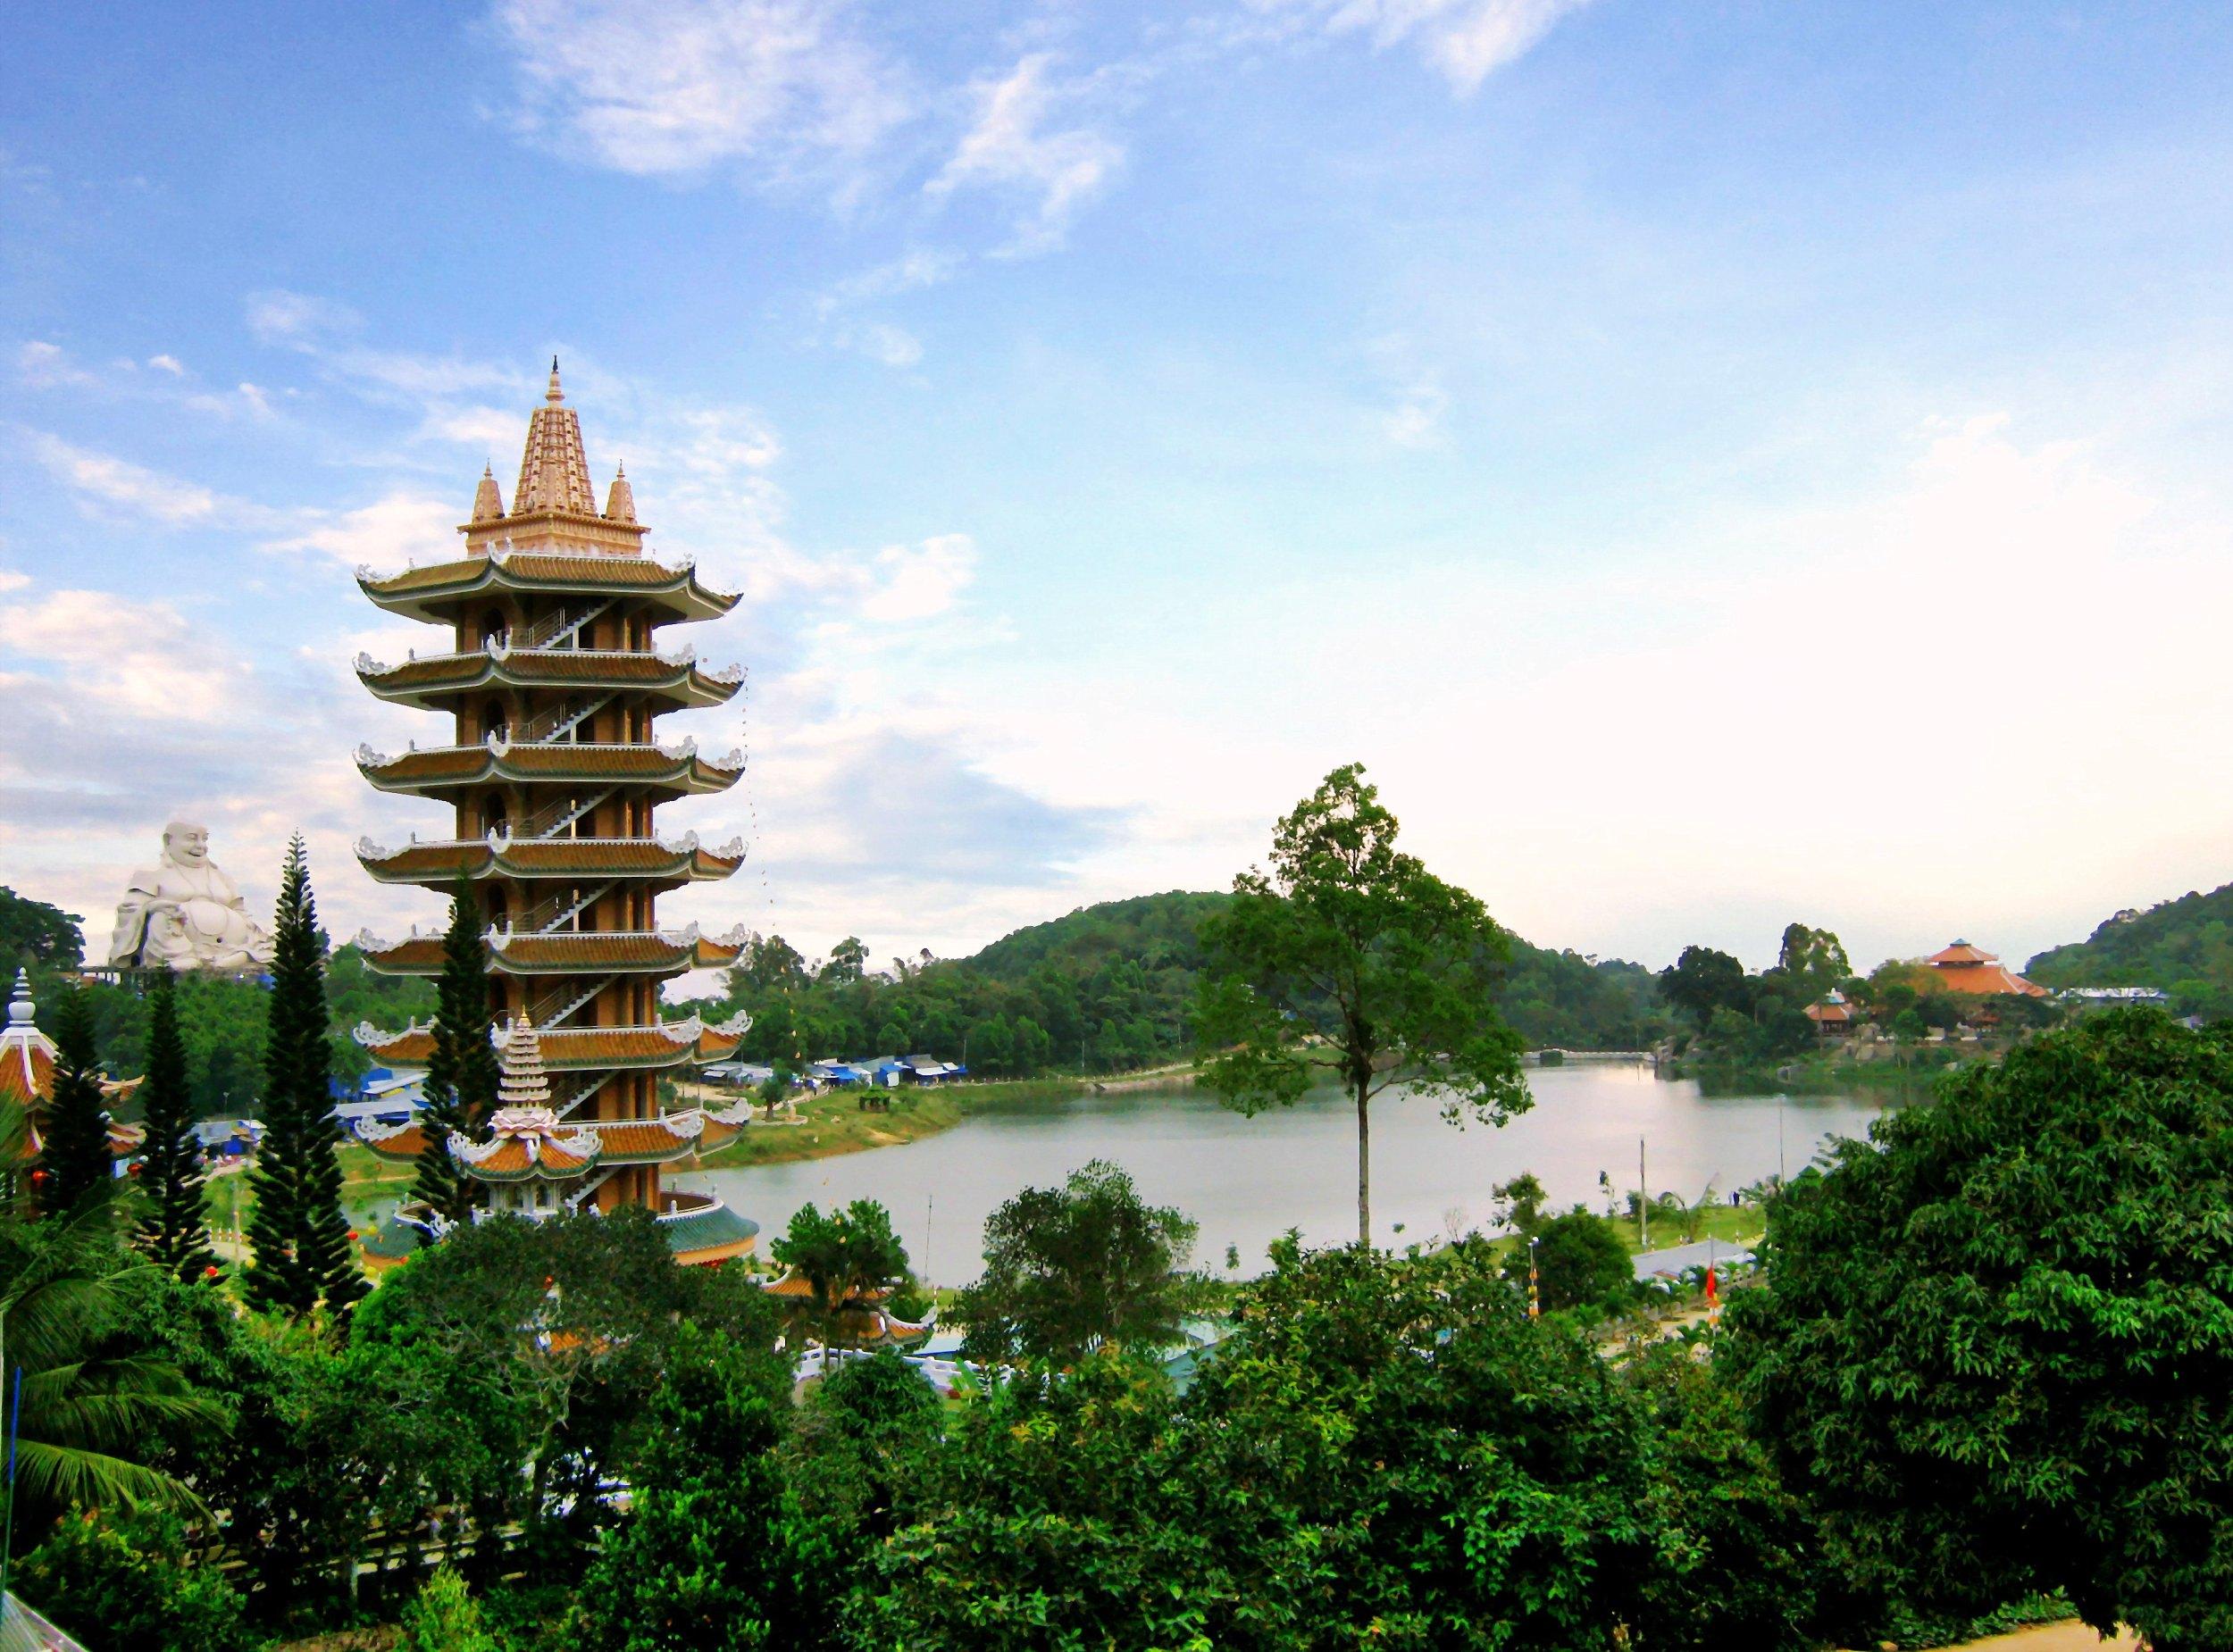 Chợ Mây nằm cạnh hồ Thủy Liêm, phía sau là tượng Phật Di Lặc, một bên là chùa Vạn Linh trên đỉnh núi Cấm.